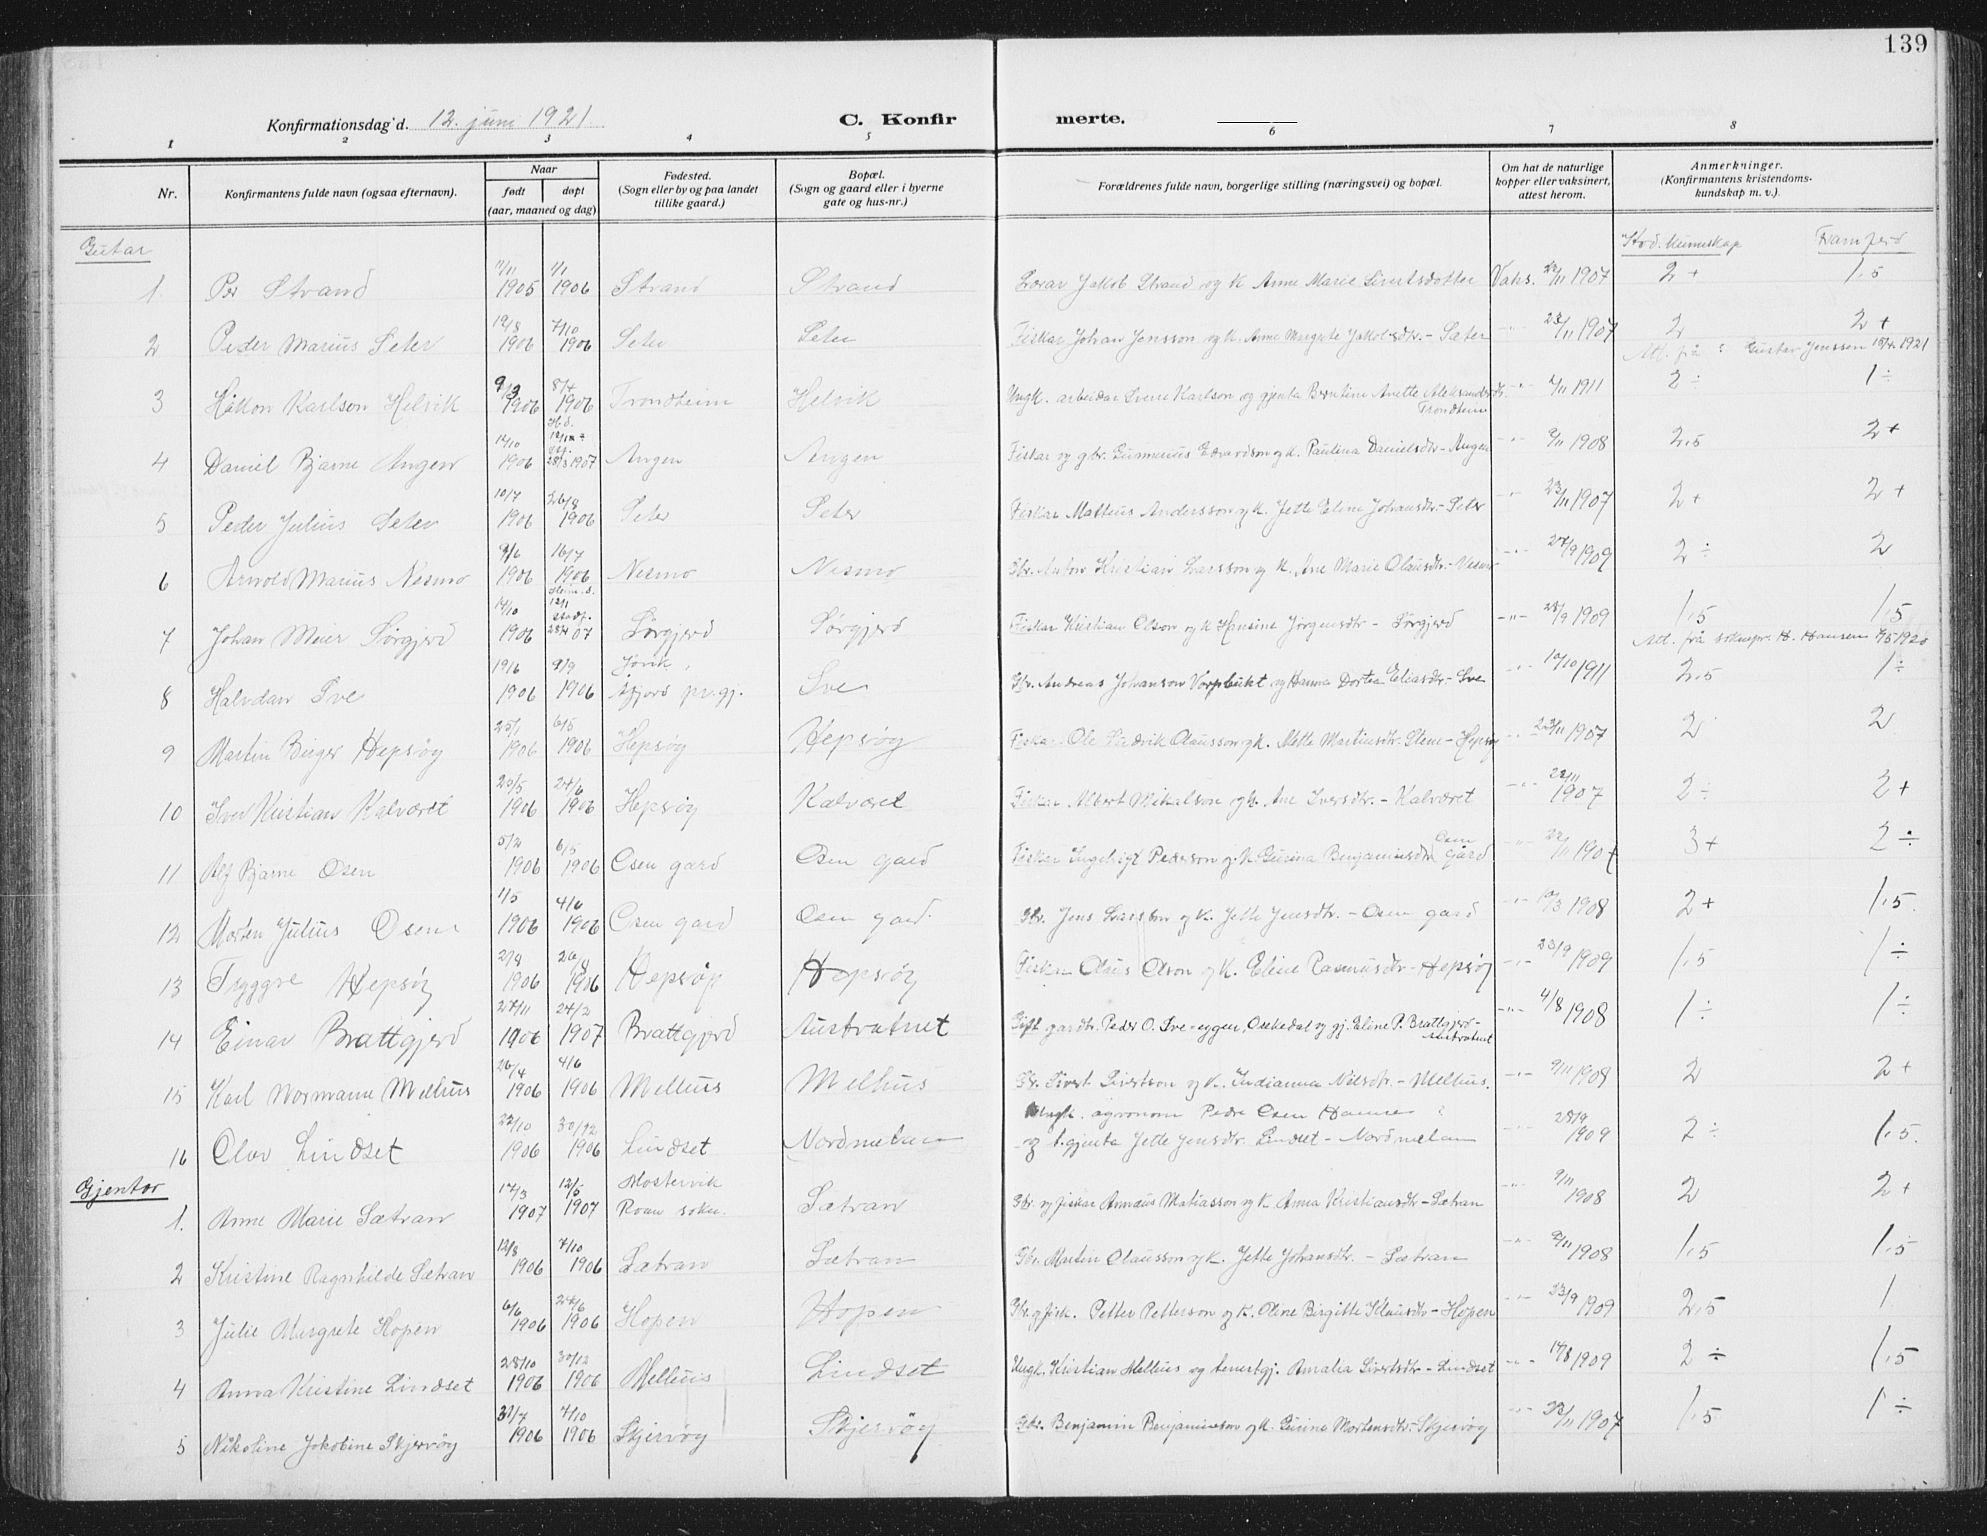 SAT, Ministerialprotokoller, klokkerbøker og fødselsregistre - Sør-Trøndelag, 658/L0727: Klokkerbok nr. 658C03, 1909-1935, s. 139